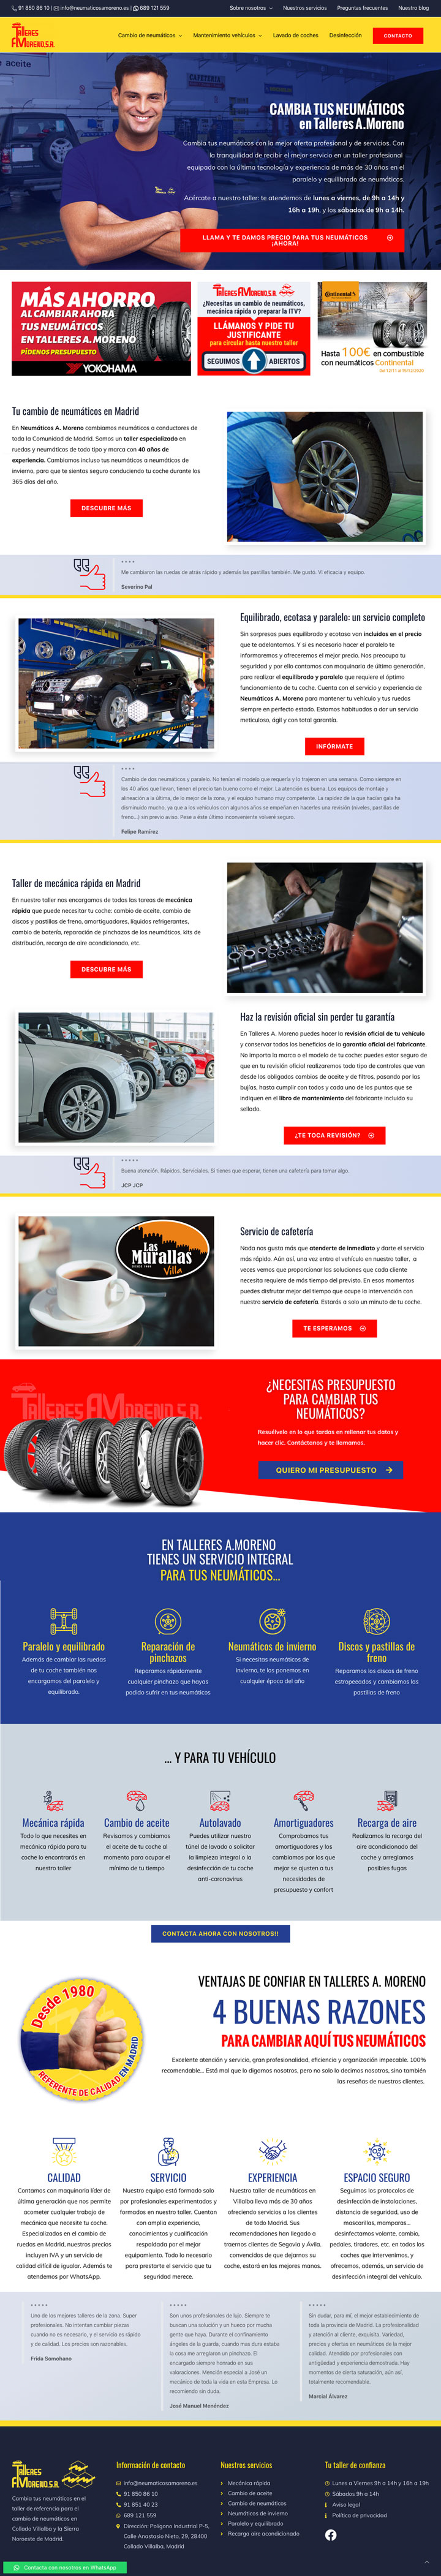 Talleres A. Moreno. Creación y diseño web neumaticosamoreno. Pagina de inicio del sitio web.